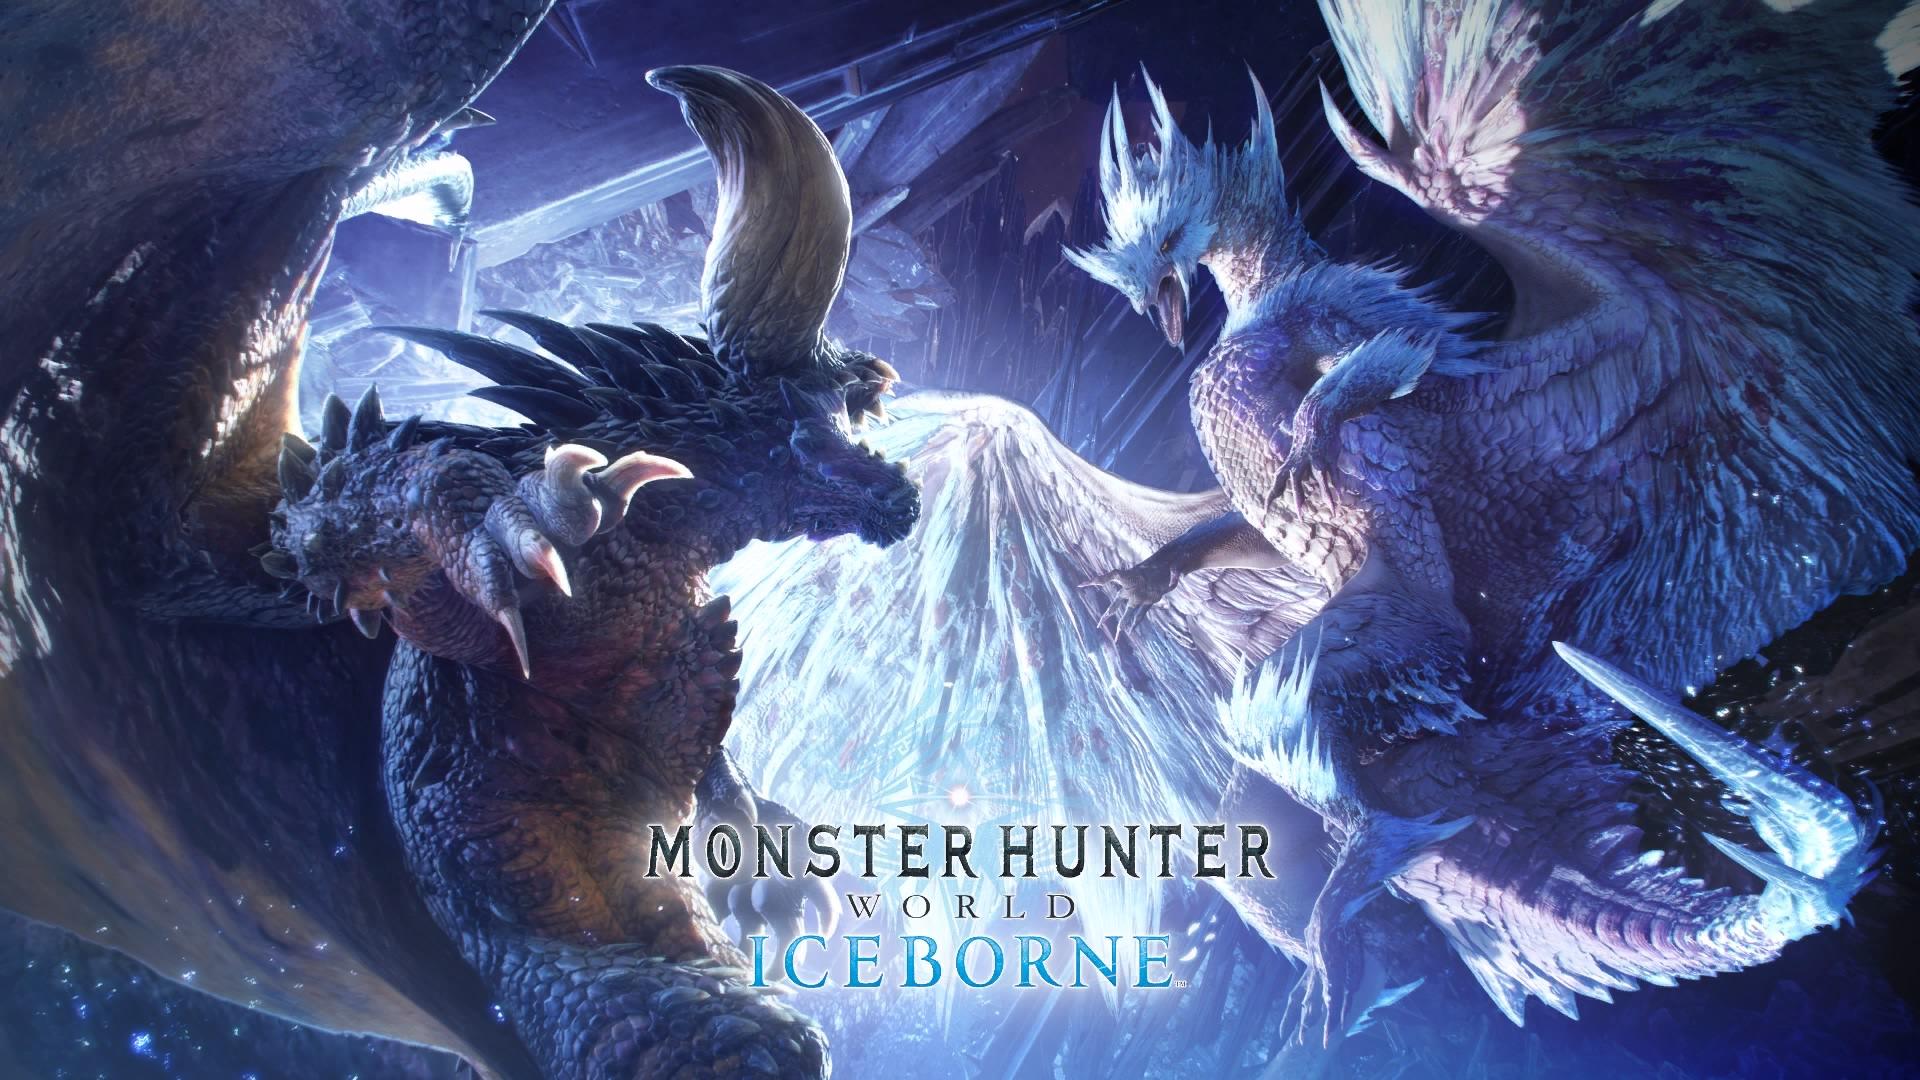 《怪物猎人:世界 冰原》全球出货量突破280万